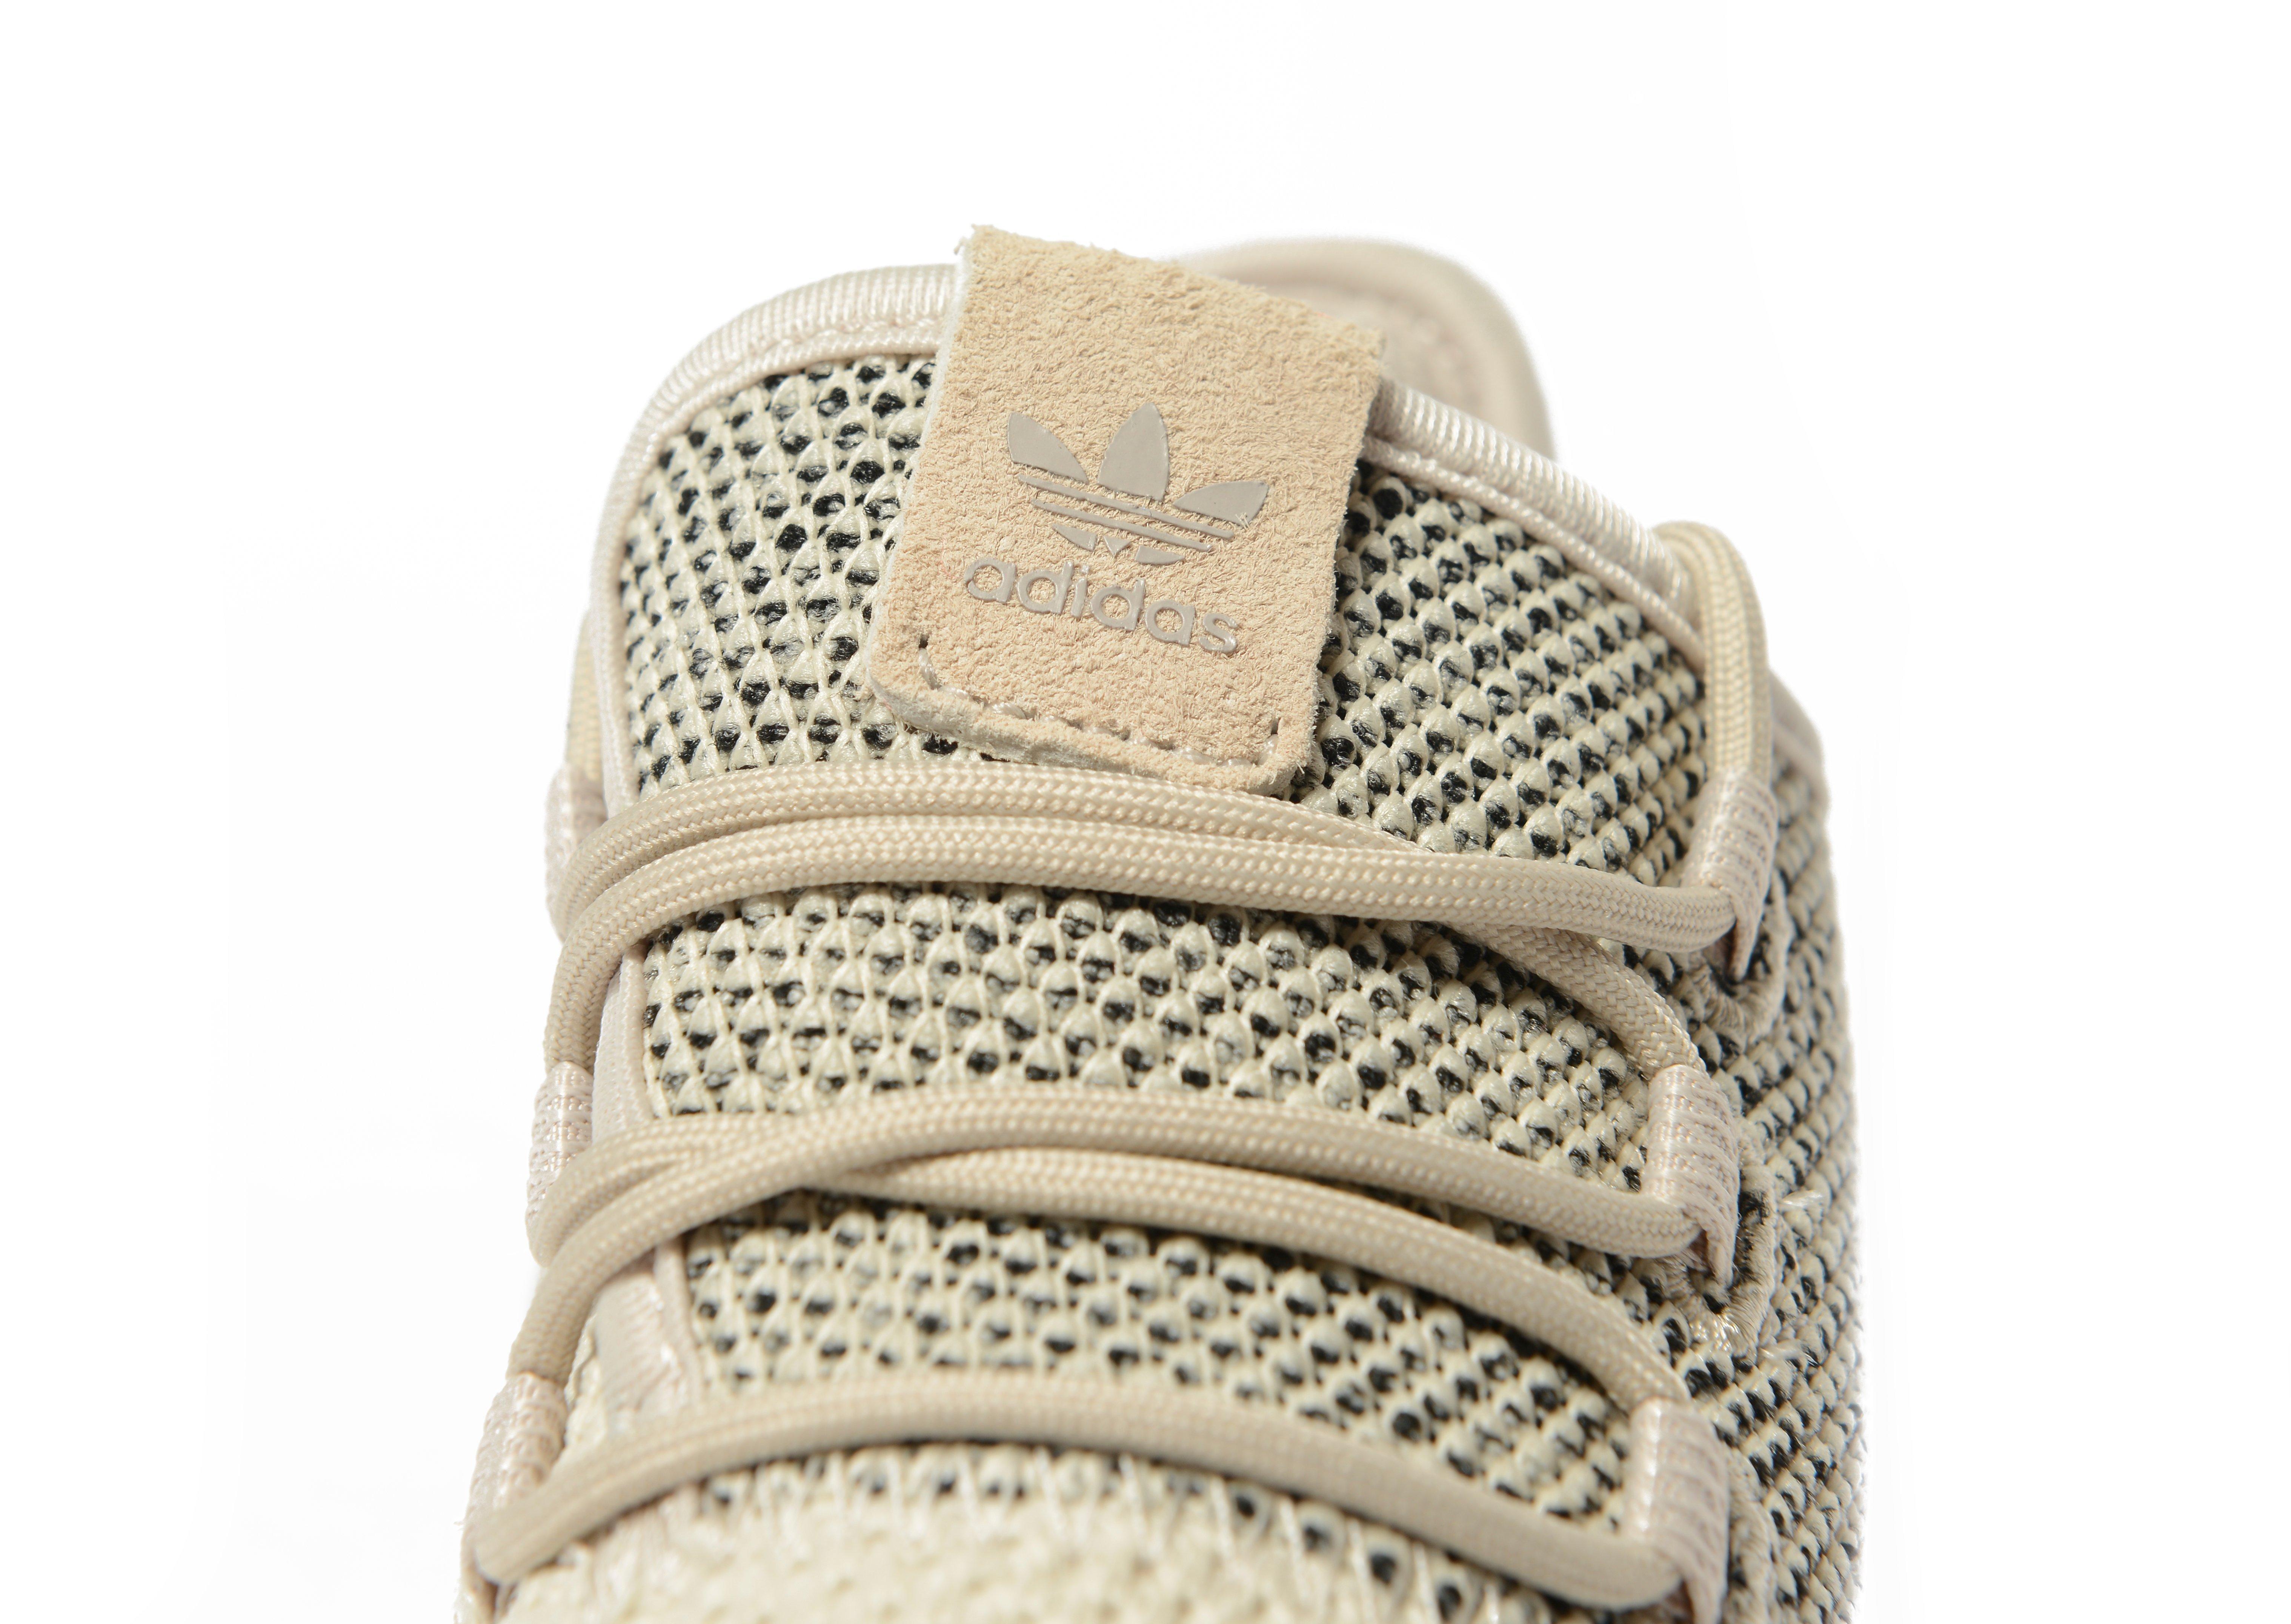 ad8d23d37a67 Lyst - Adidas Originals Tubular Shadow Infant